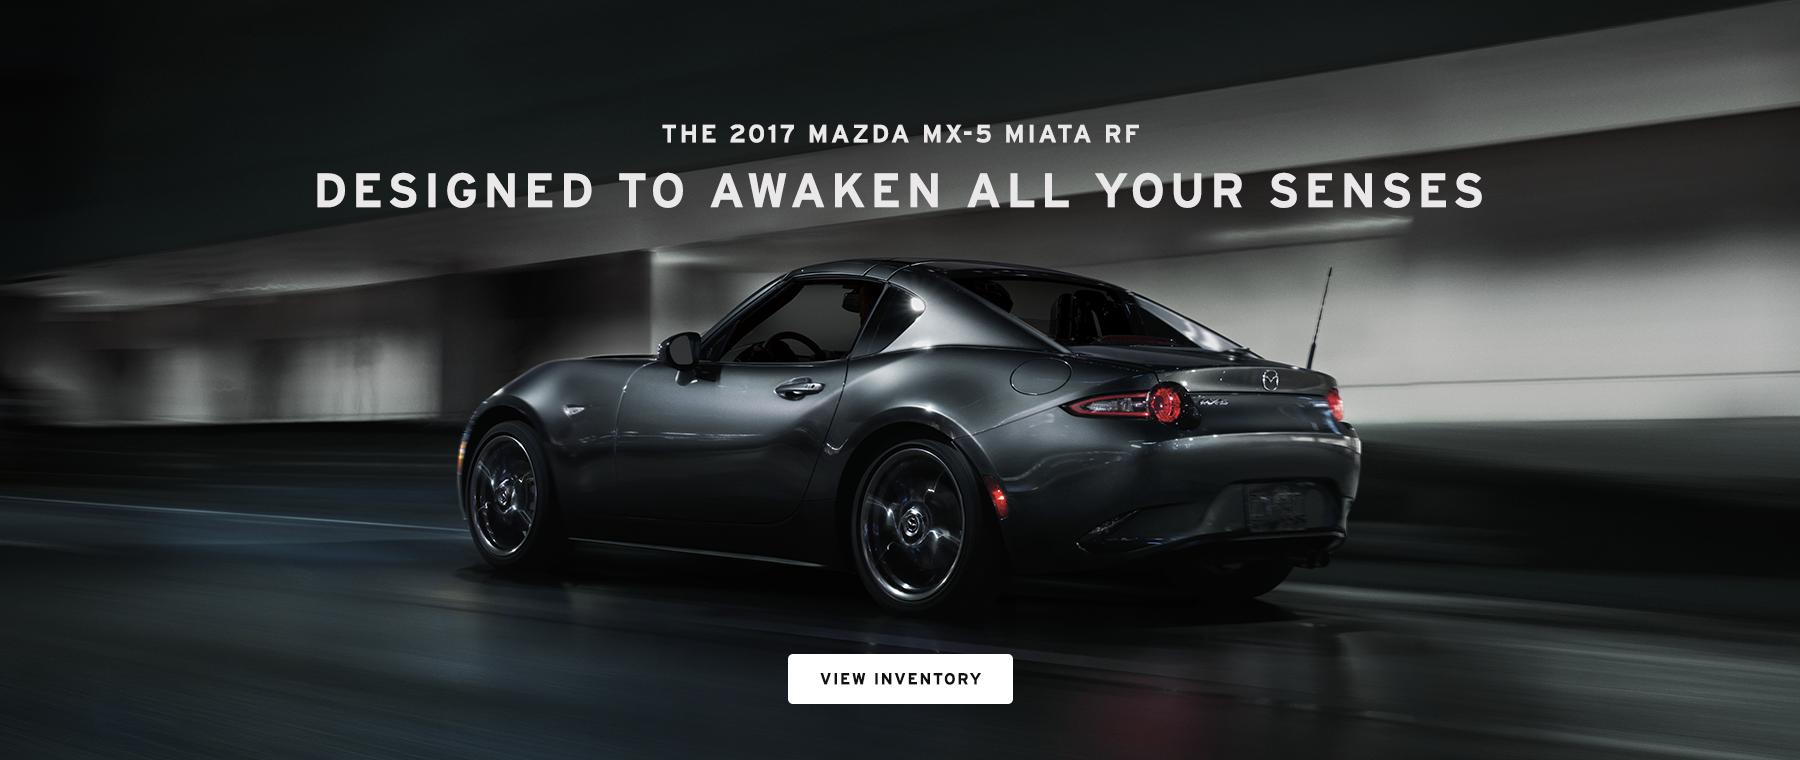 Freeman Mazda Mazda Dealer In Irving TX - Mazda dealers texas